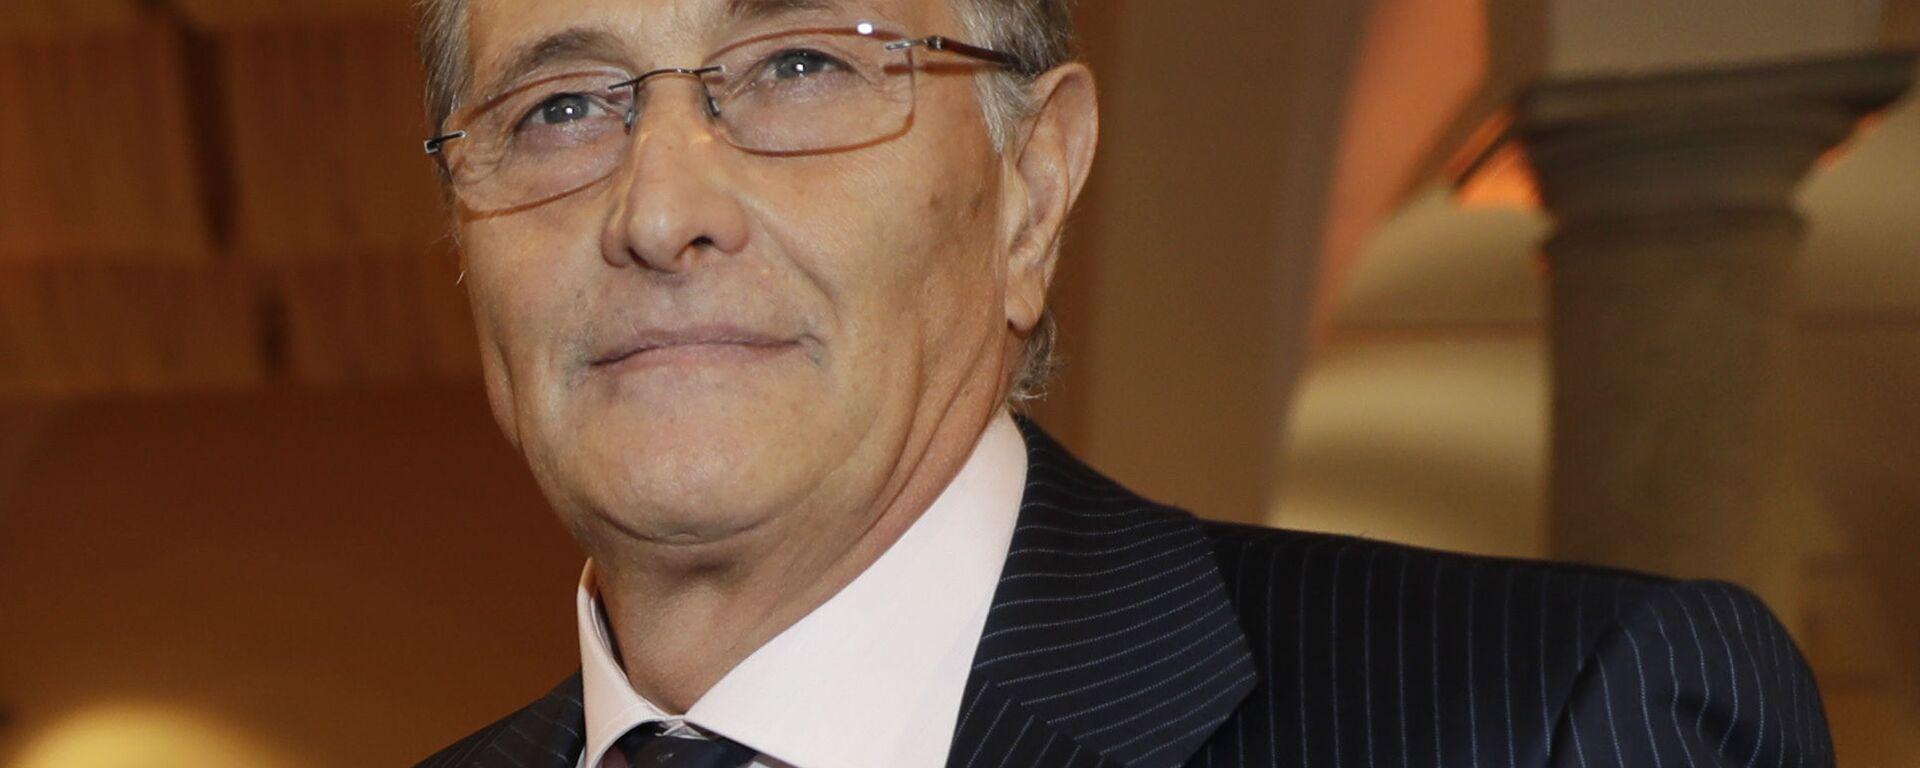 Guido Rasi, ex direttore esecutivo dell'Agenzia europea per i medicinali EMA - Sputnik Italia, 1920, 03.09.2021